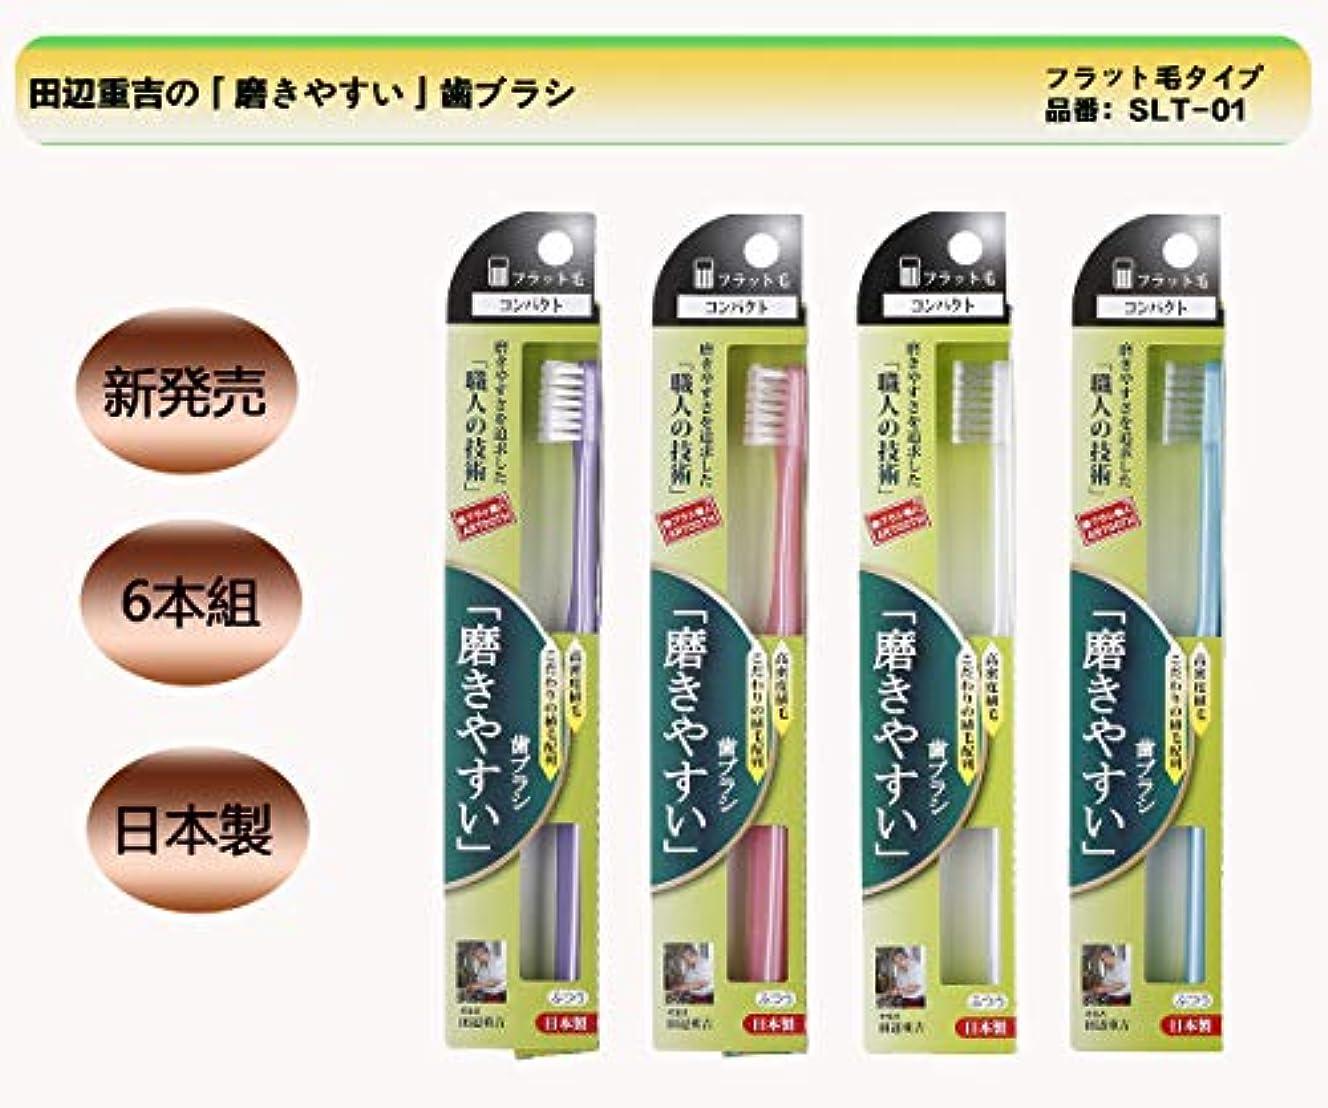 海峡傾向がありますセンチメンタル歯ブラシ職人 Artooth® 田辺重吉 日本製 磨きやすい歯ブラシ 奥歯までフラット毛SLT-01 (6本入)